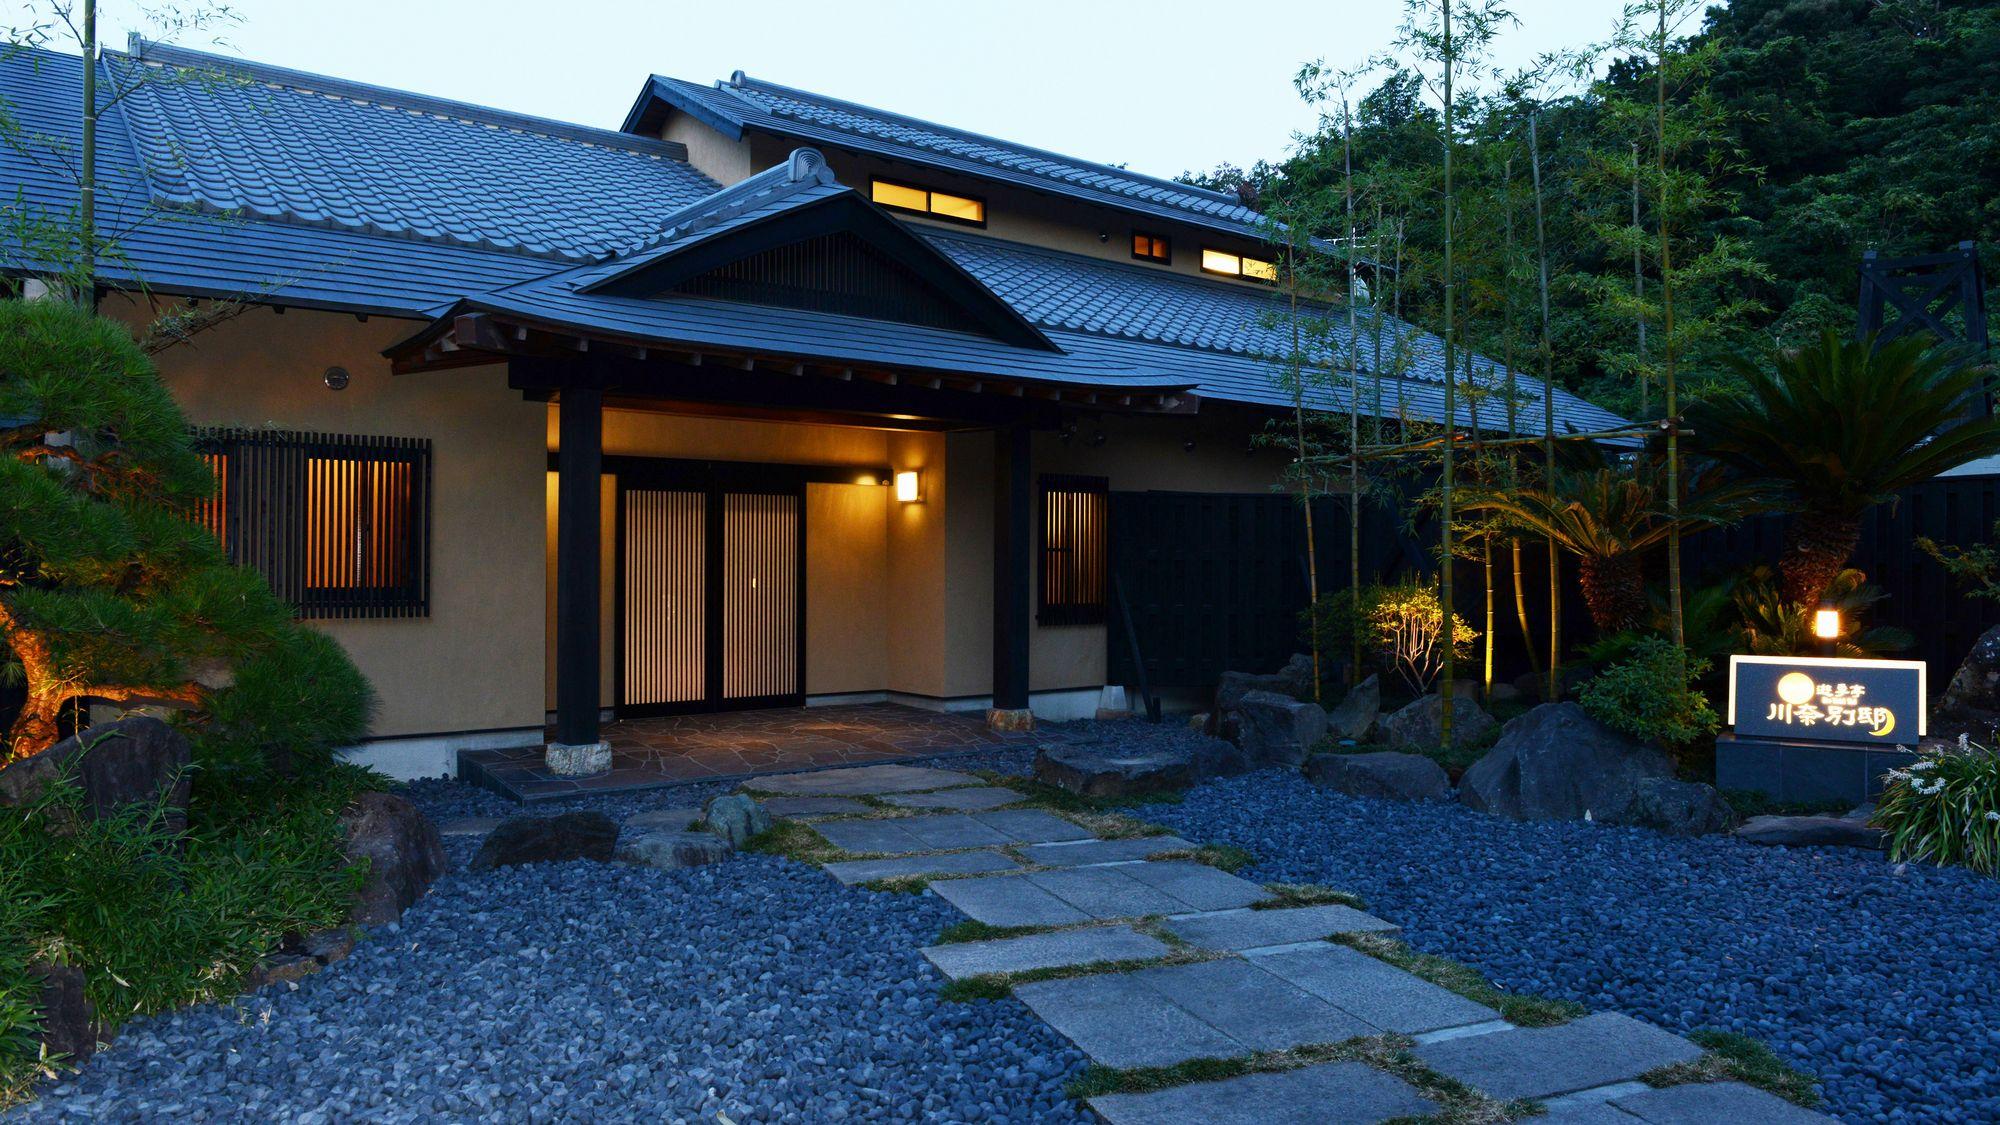 伊東遊季亭 川奈別邸の施設画像